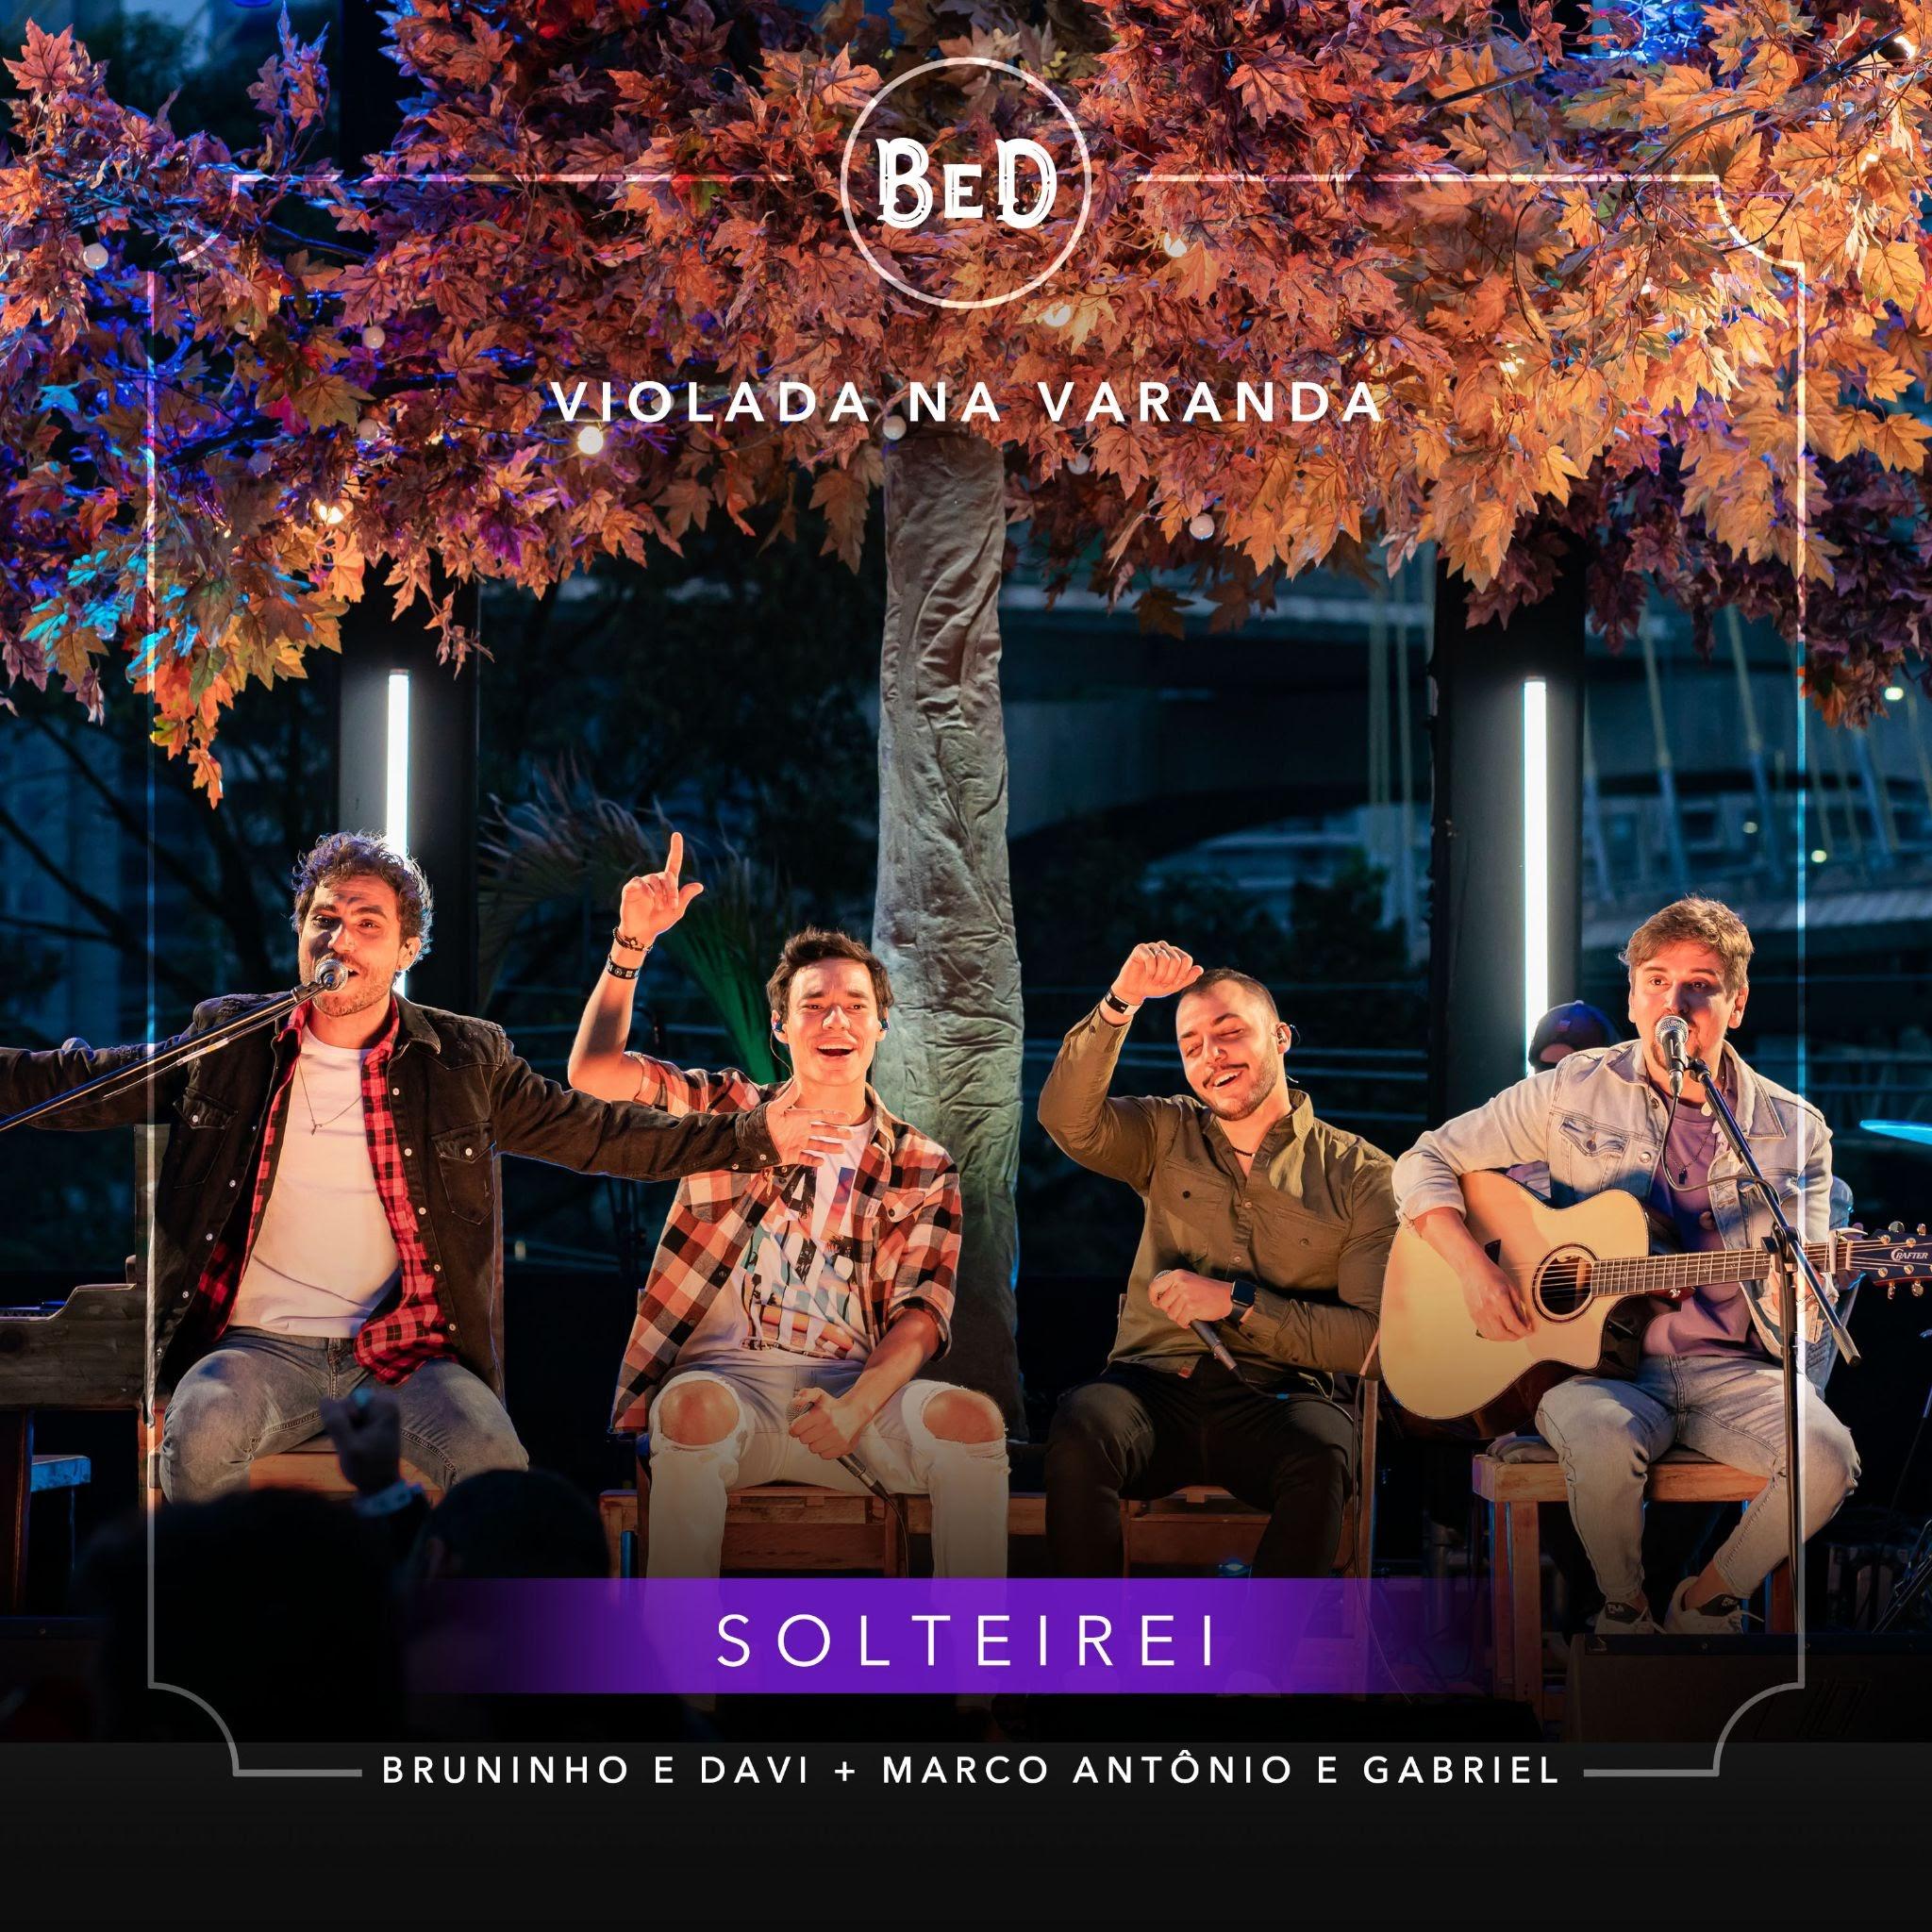 """Bruninho e Davi encerram com chave de ouro projeto com """"Solteirei"""", parceria com Marco Antônio e Gabriel 42"""